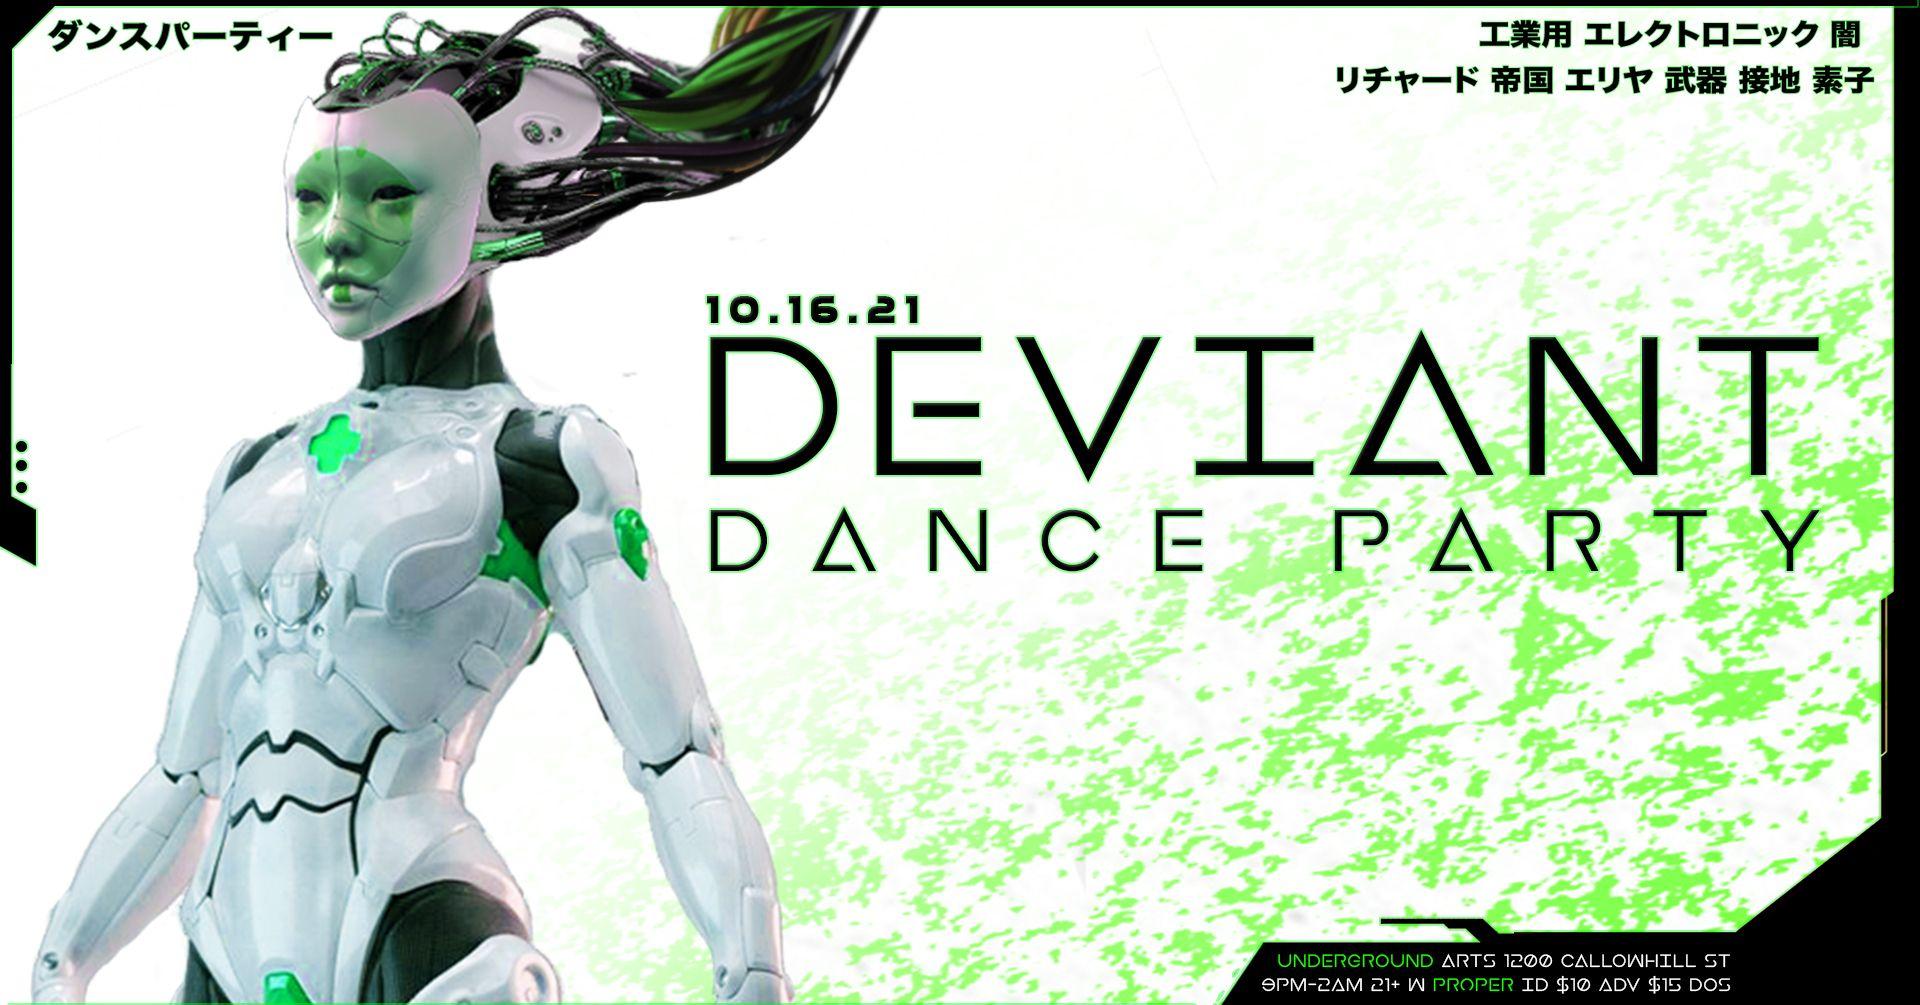 Deviant Dance Party: